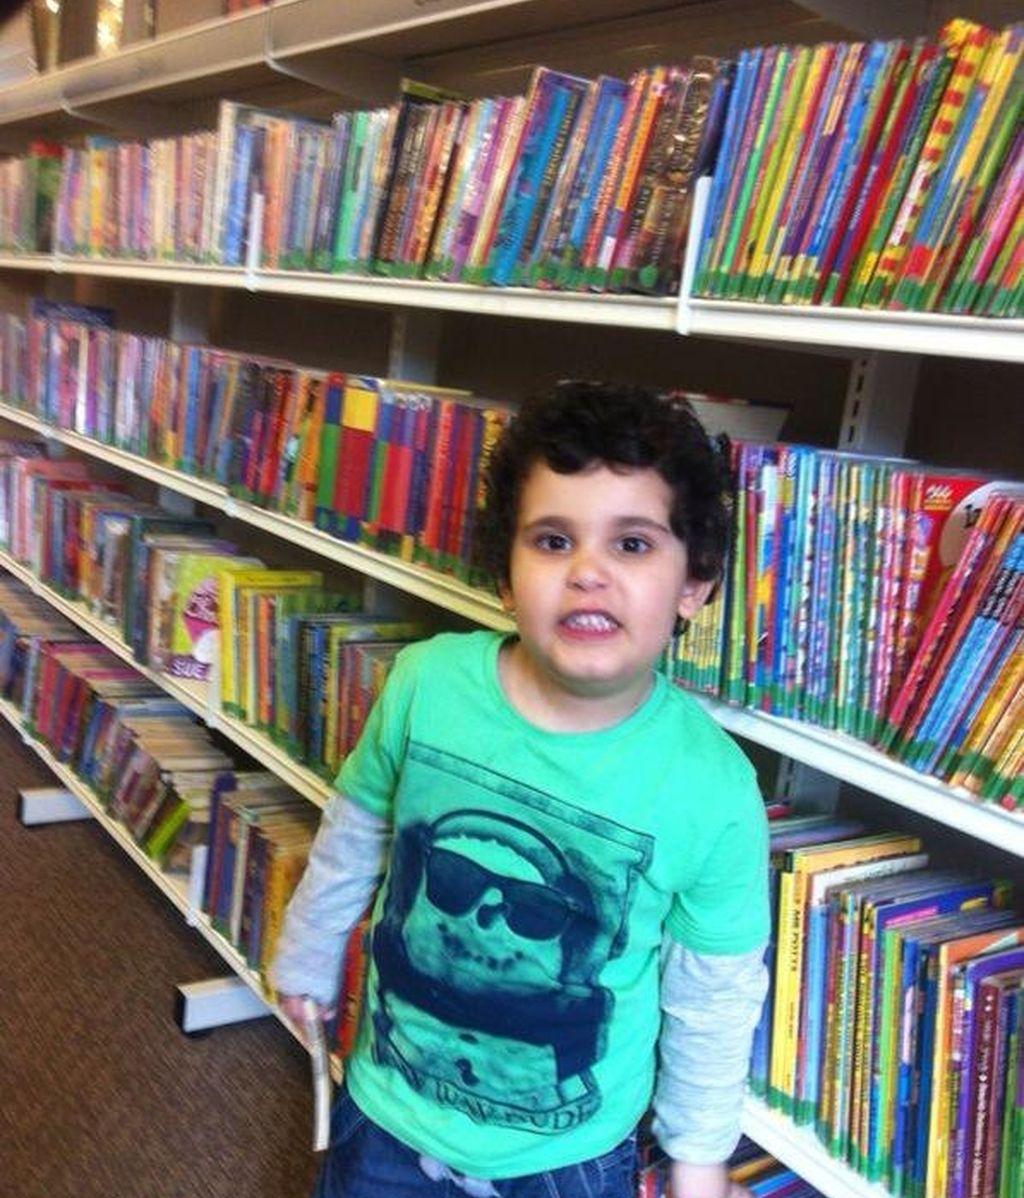 Un niño de 4 años tiene el mismo coeficiente que Einstein